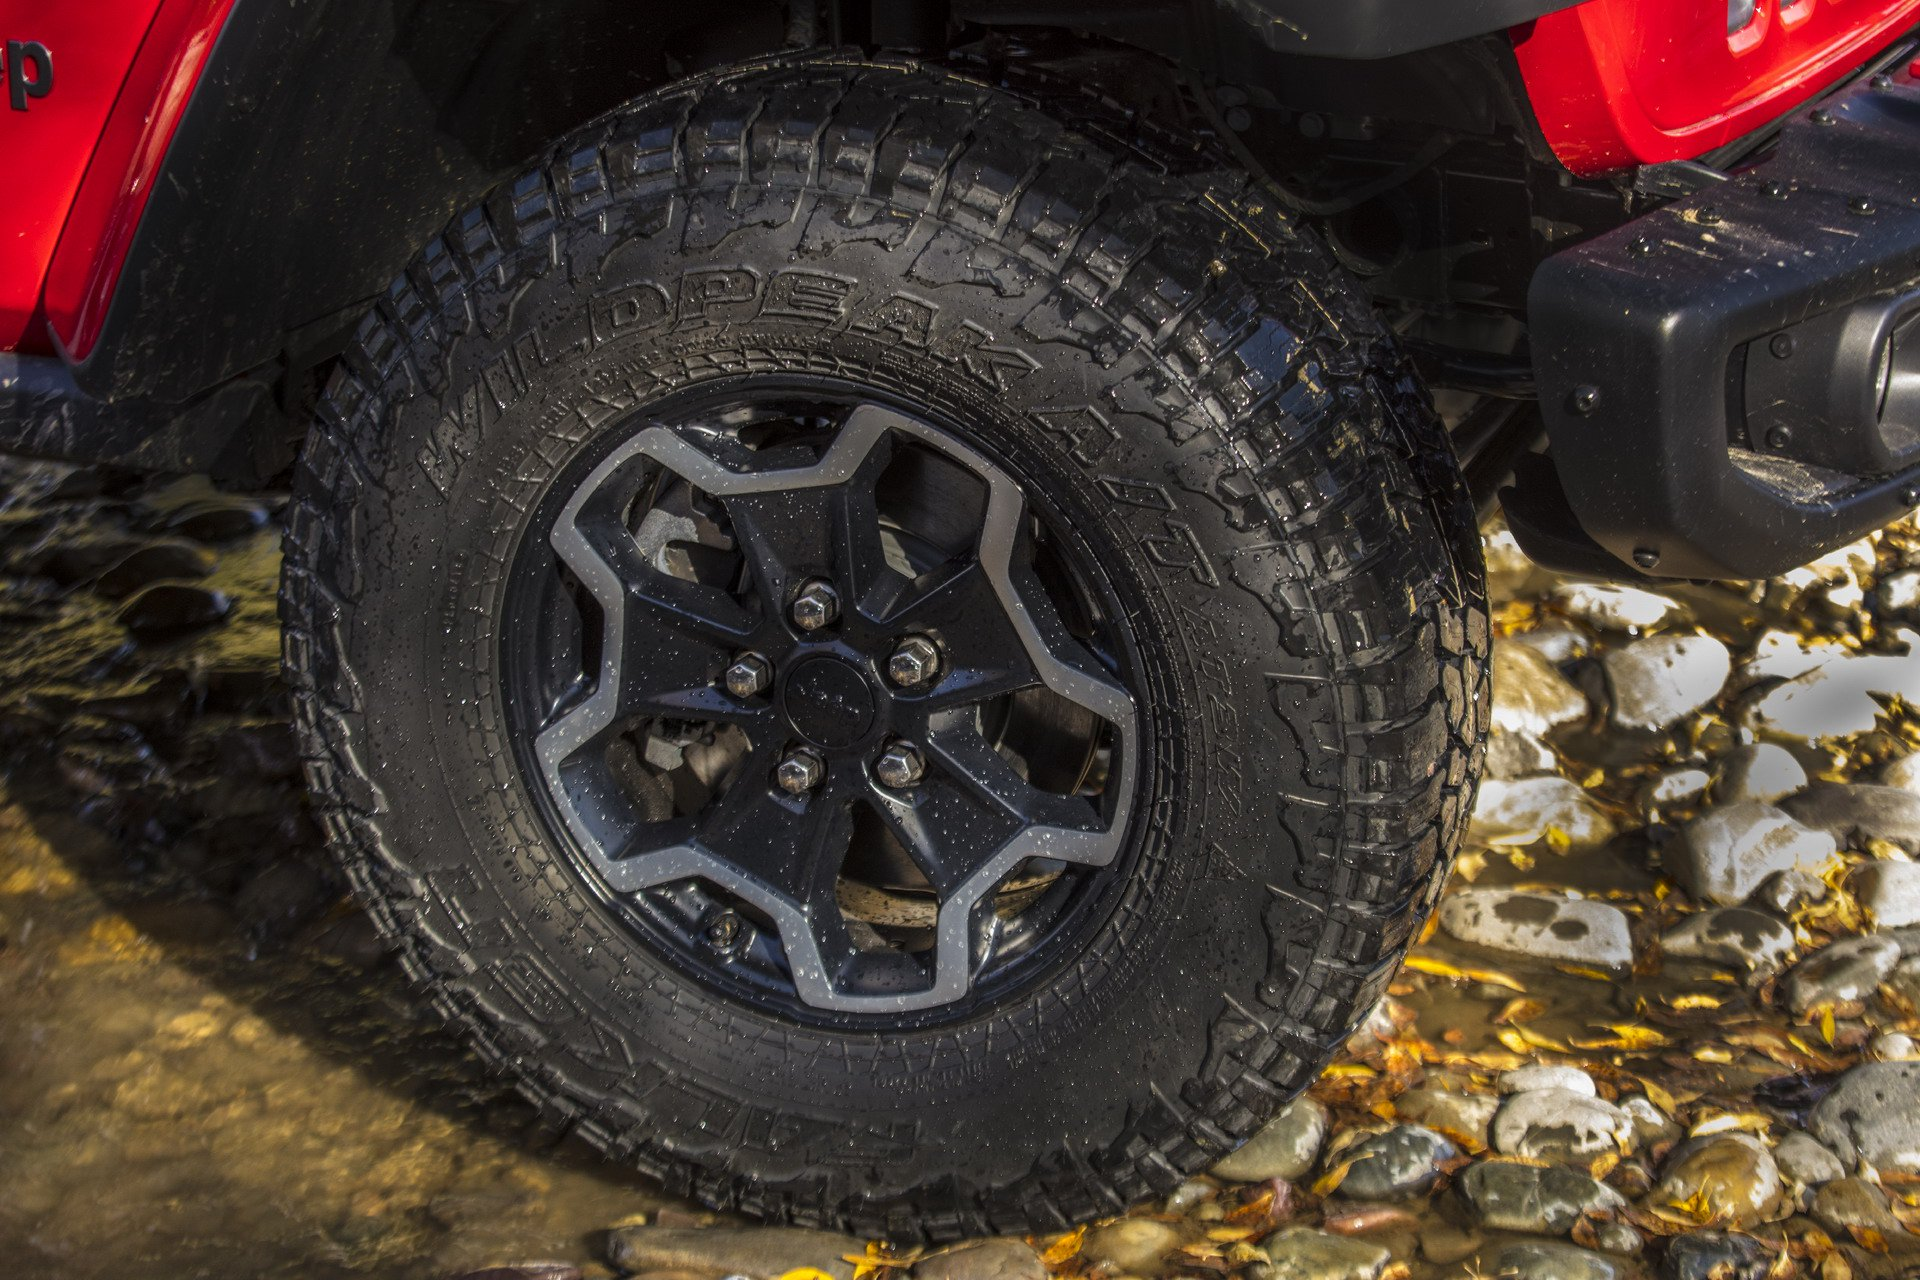 Jeep Gladiator 2019 (127)